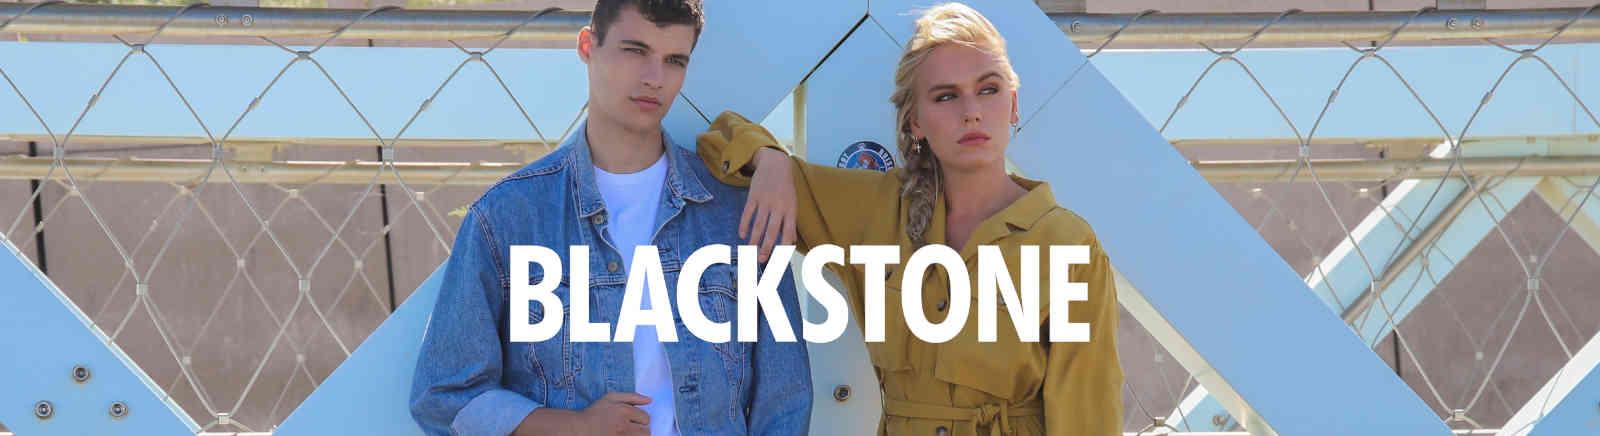 Blackstone Langschaftstiefel im Online-Shop von GISY kaufen